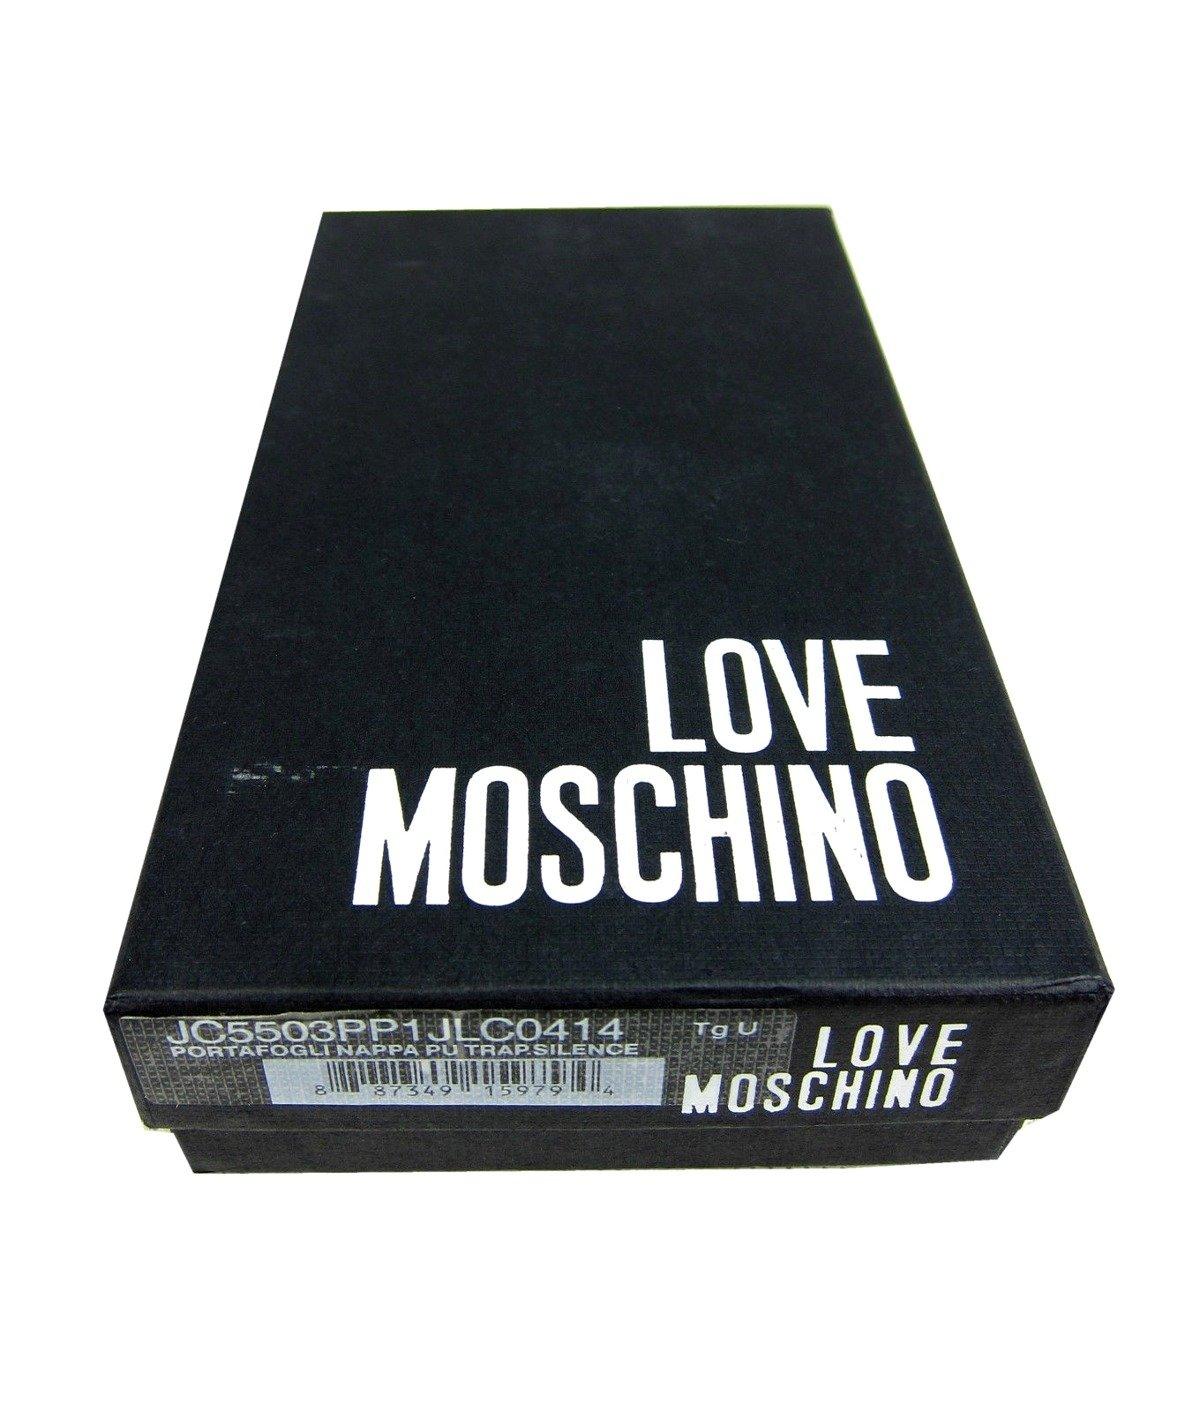 love moschino jc5503pp1jlc0414 damen women geldb rse portemonnaie wristlet beige damen women. Black Bedroom Furniture Sets. Home Design Ideas